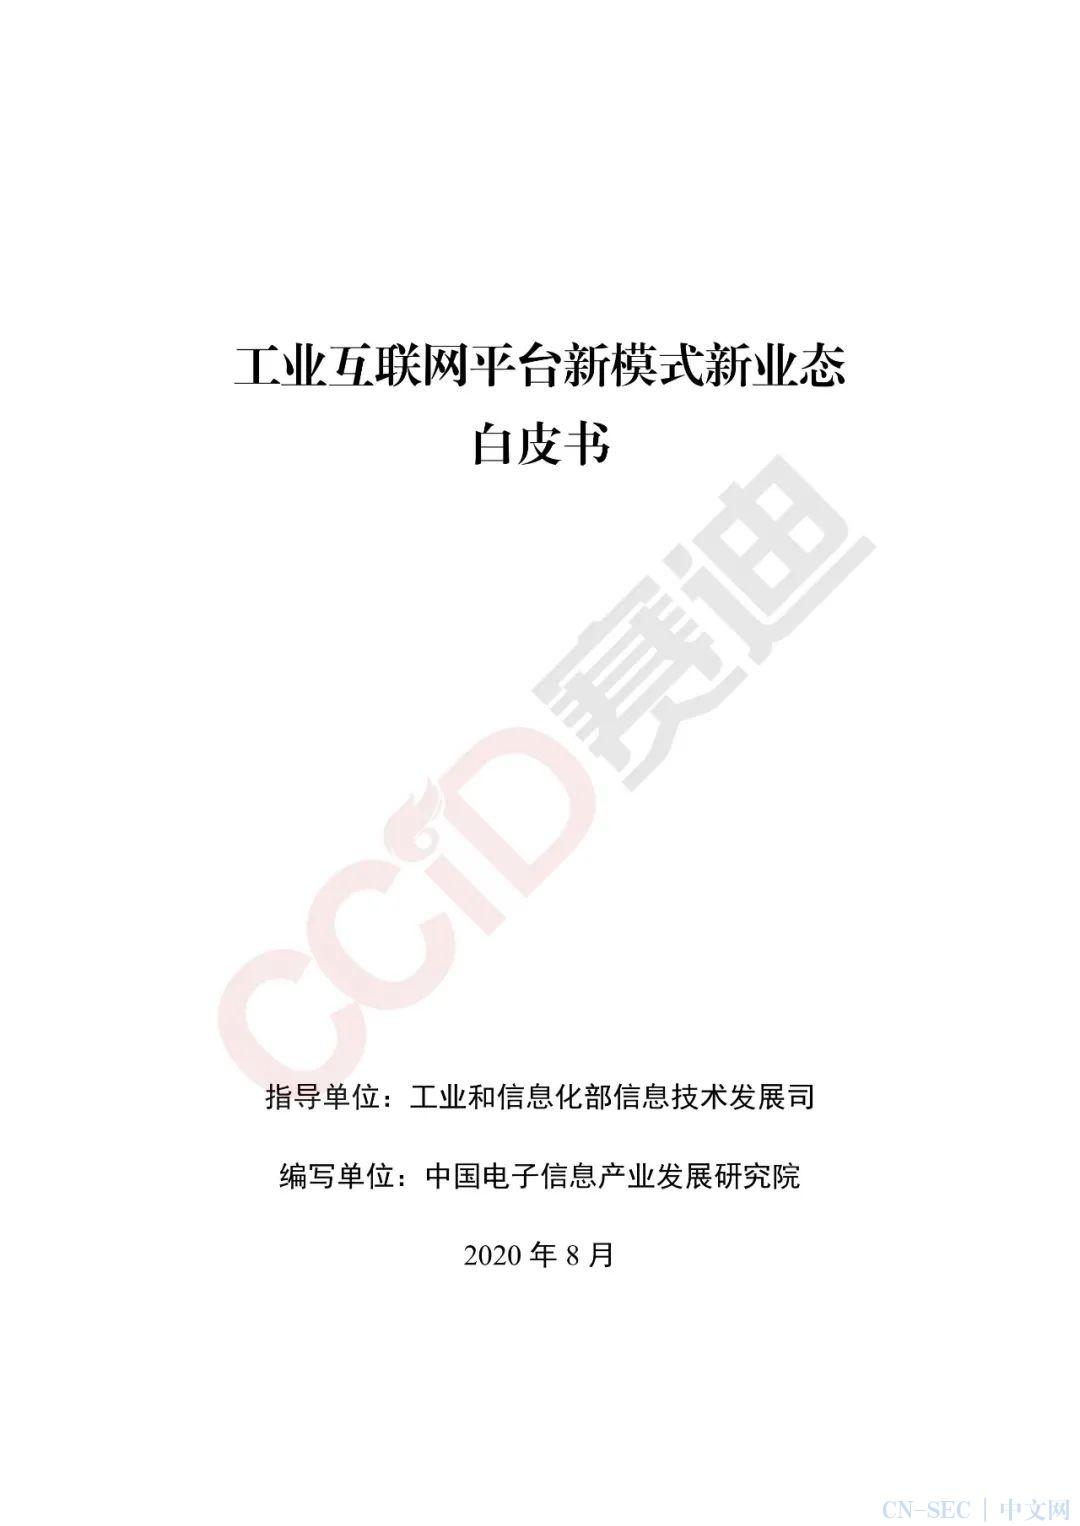 可下载 赛迪智库发布《工业互联网平台新模式新业态白皮书》